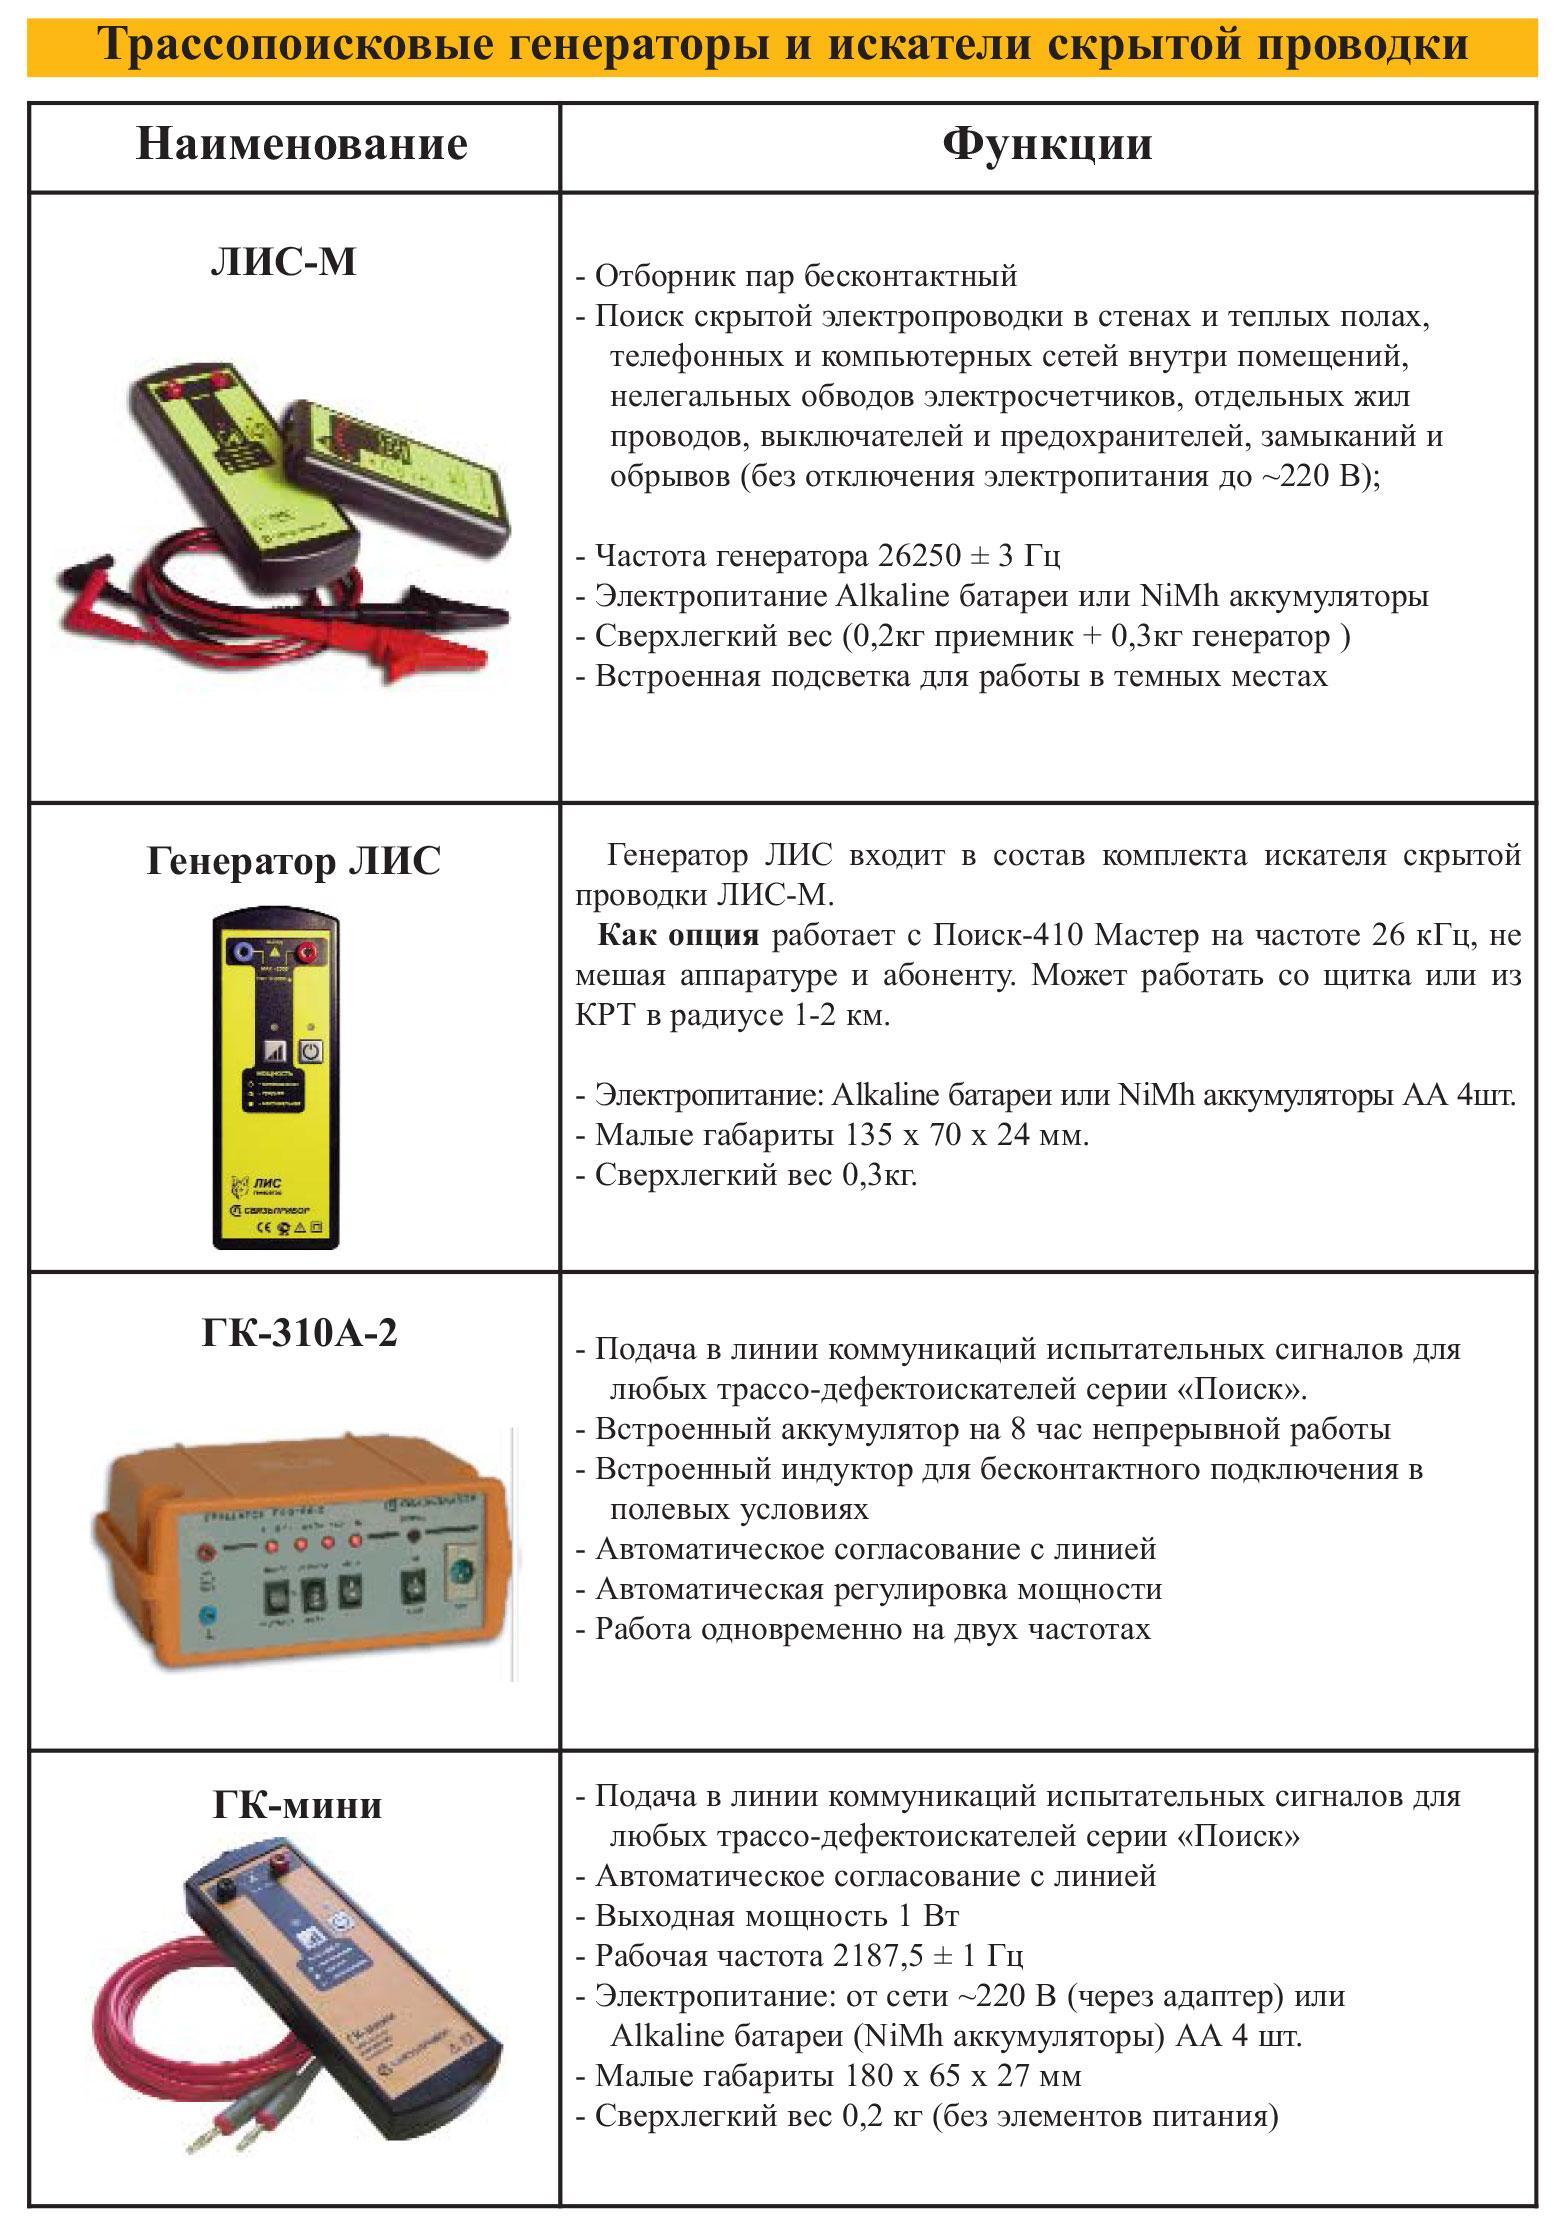 Детектор проводки - принцип работы, настройка устройства и 80 фото лучших моделей